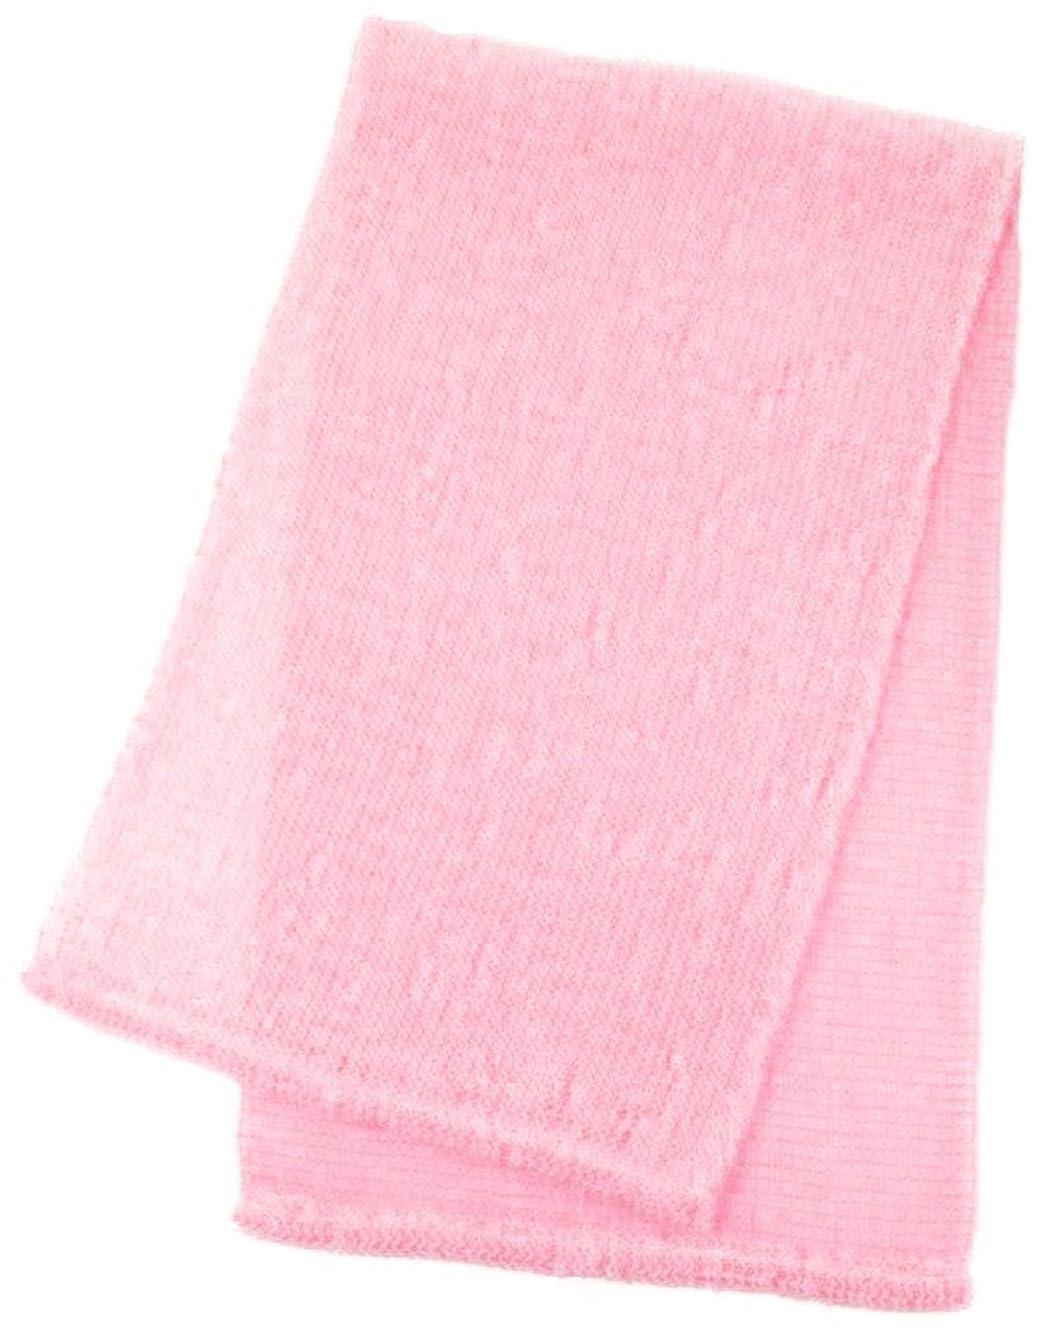 標高ビーズゲージマーナ ボディタオル 「泡工場」 ピンク B557P